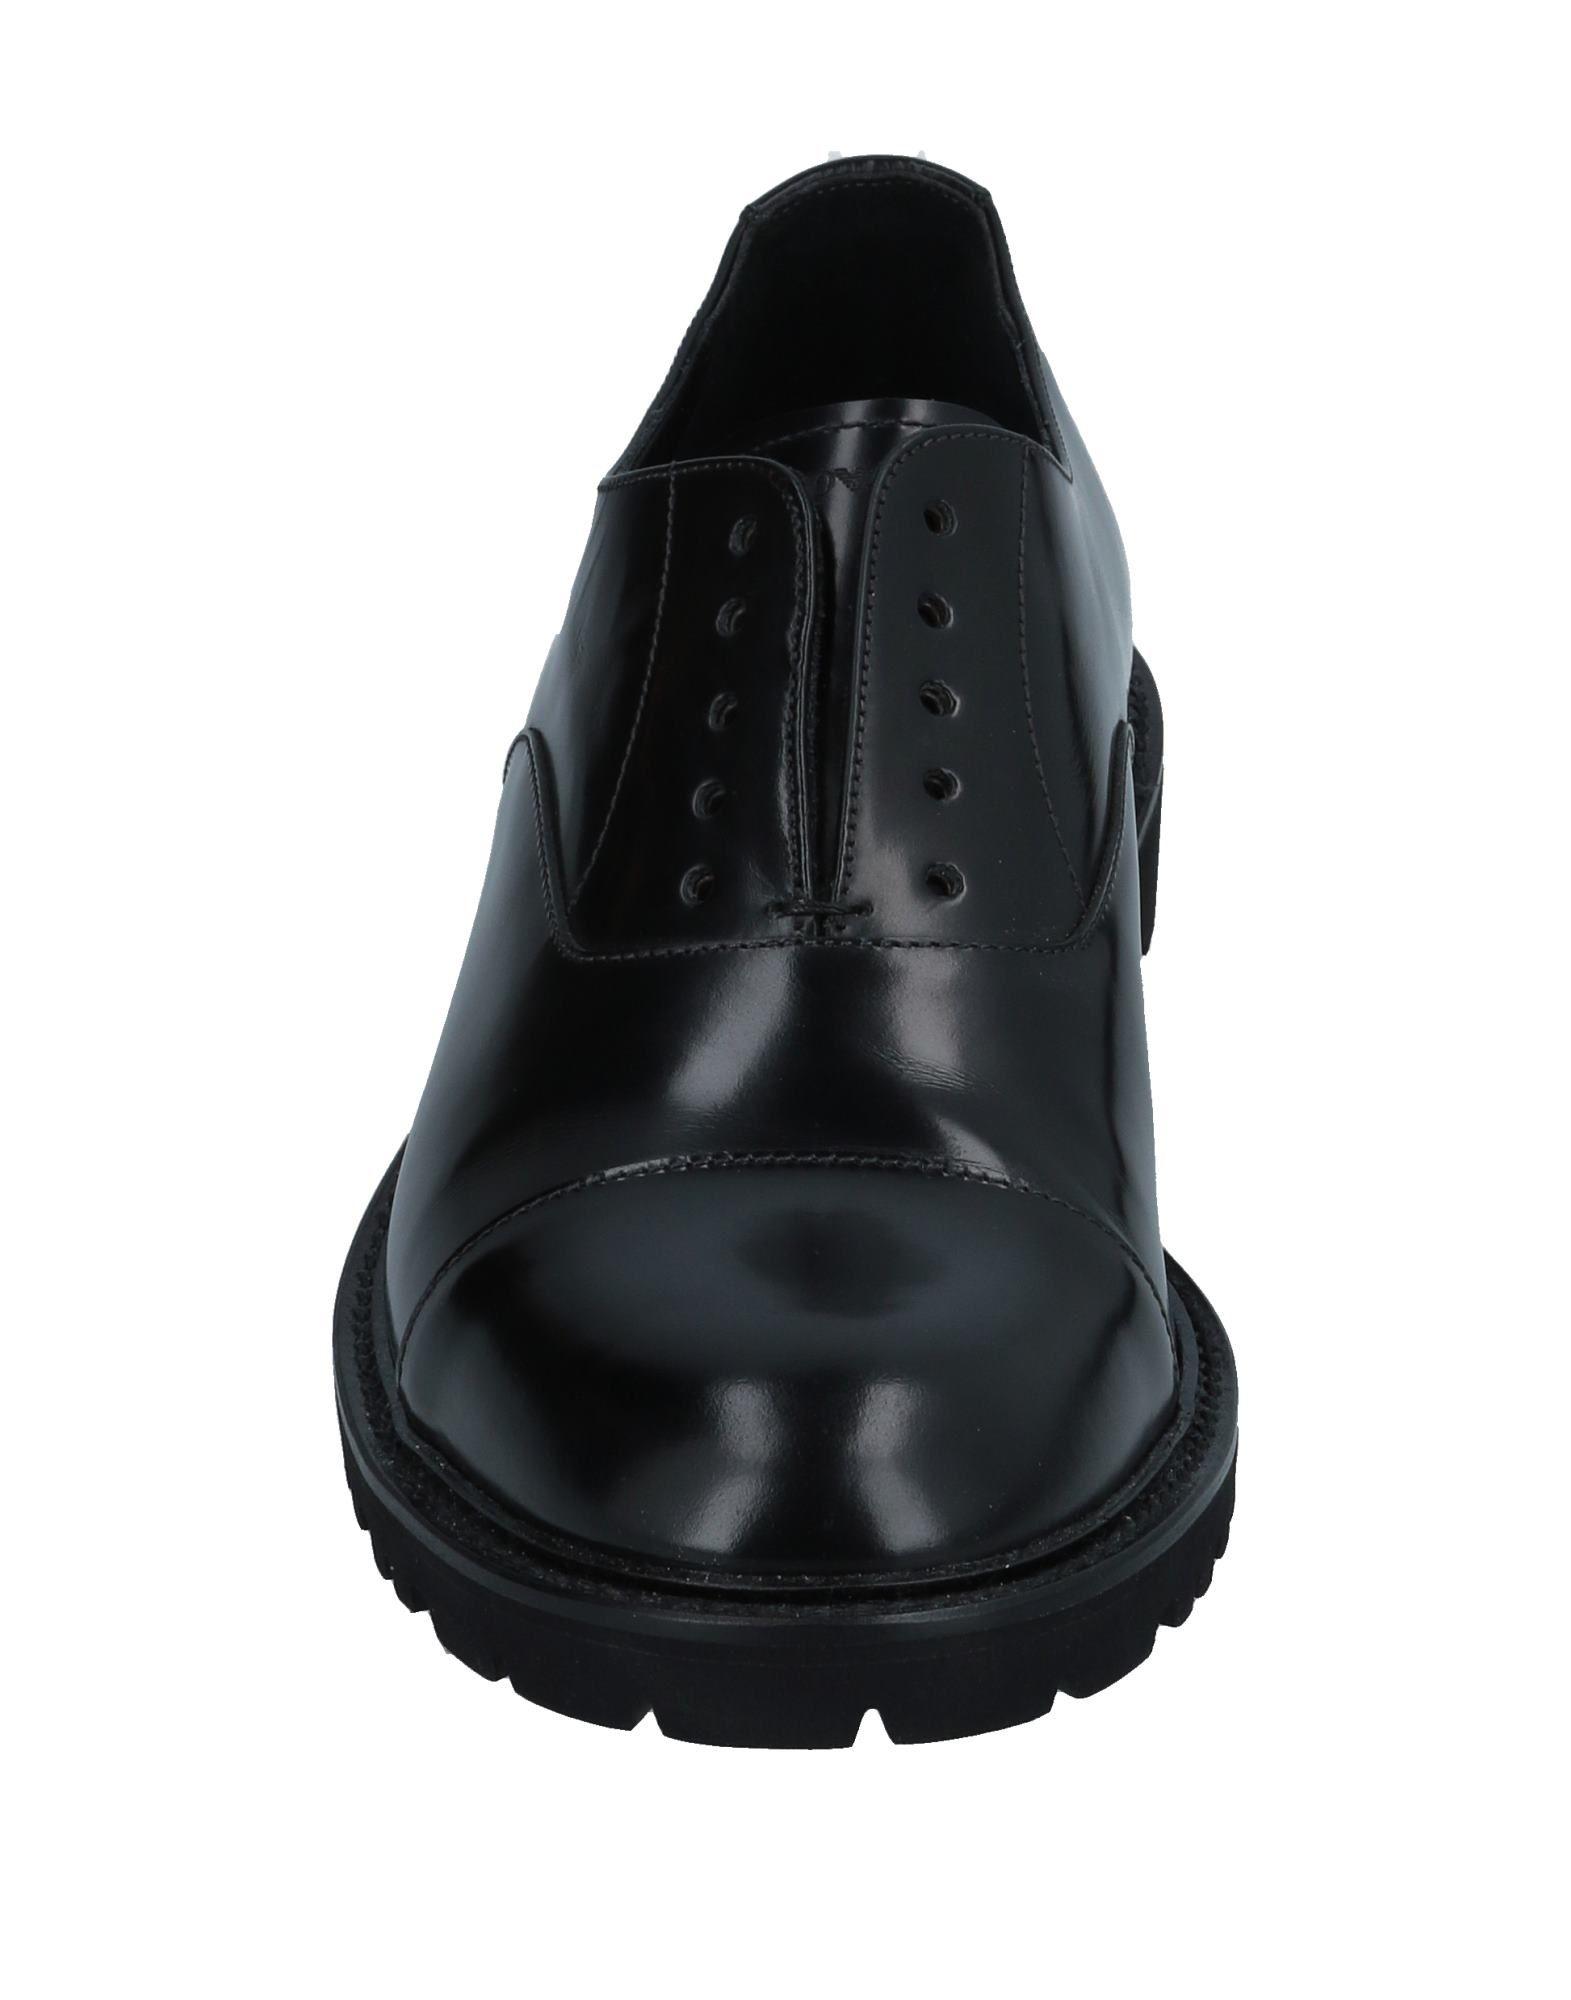 Emporio Emporio Emporio Armani Loafers - Men Emporio Armani Loafers online on  Australia - 11570861RN 30e423